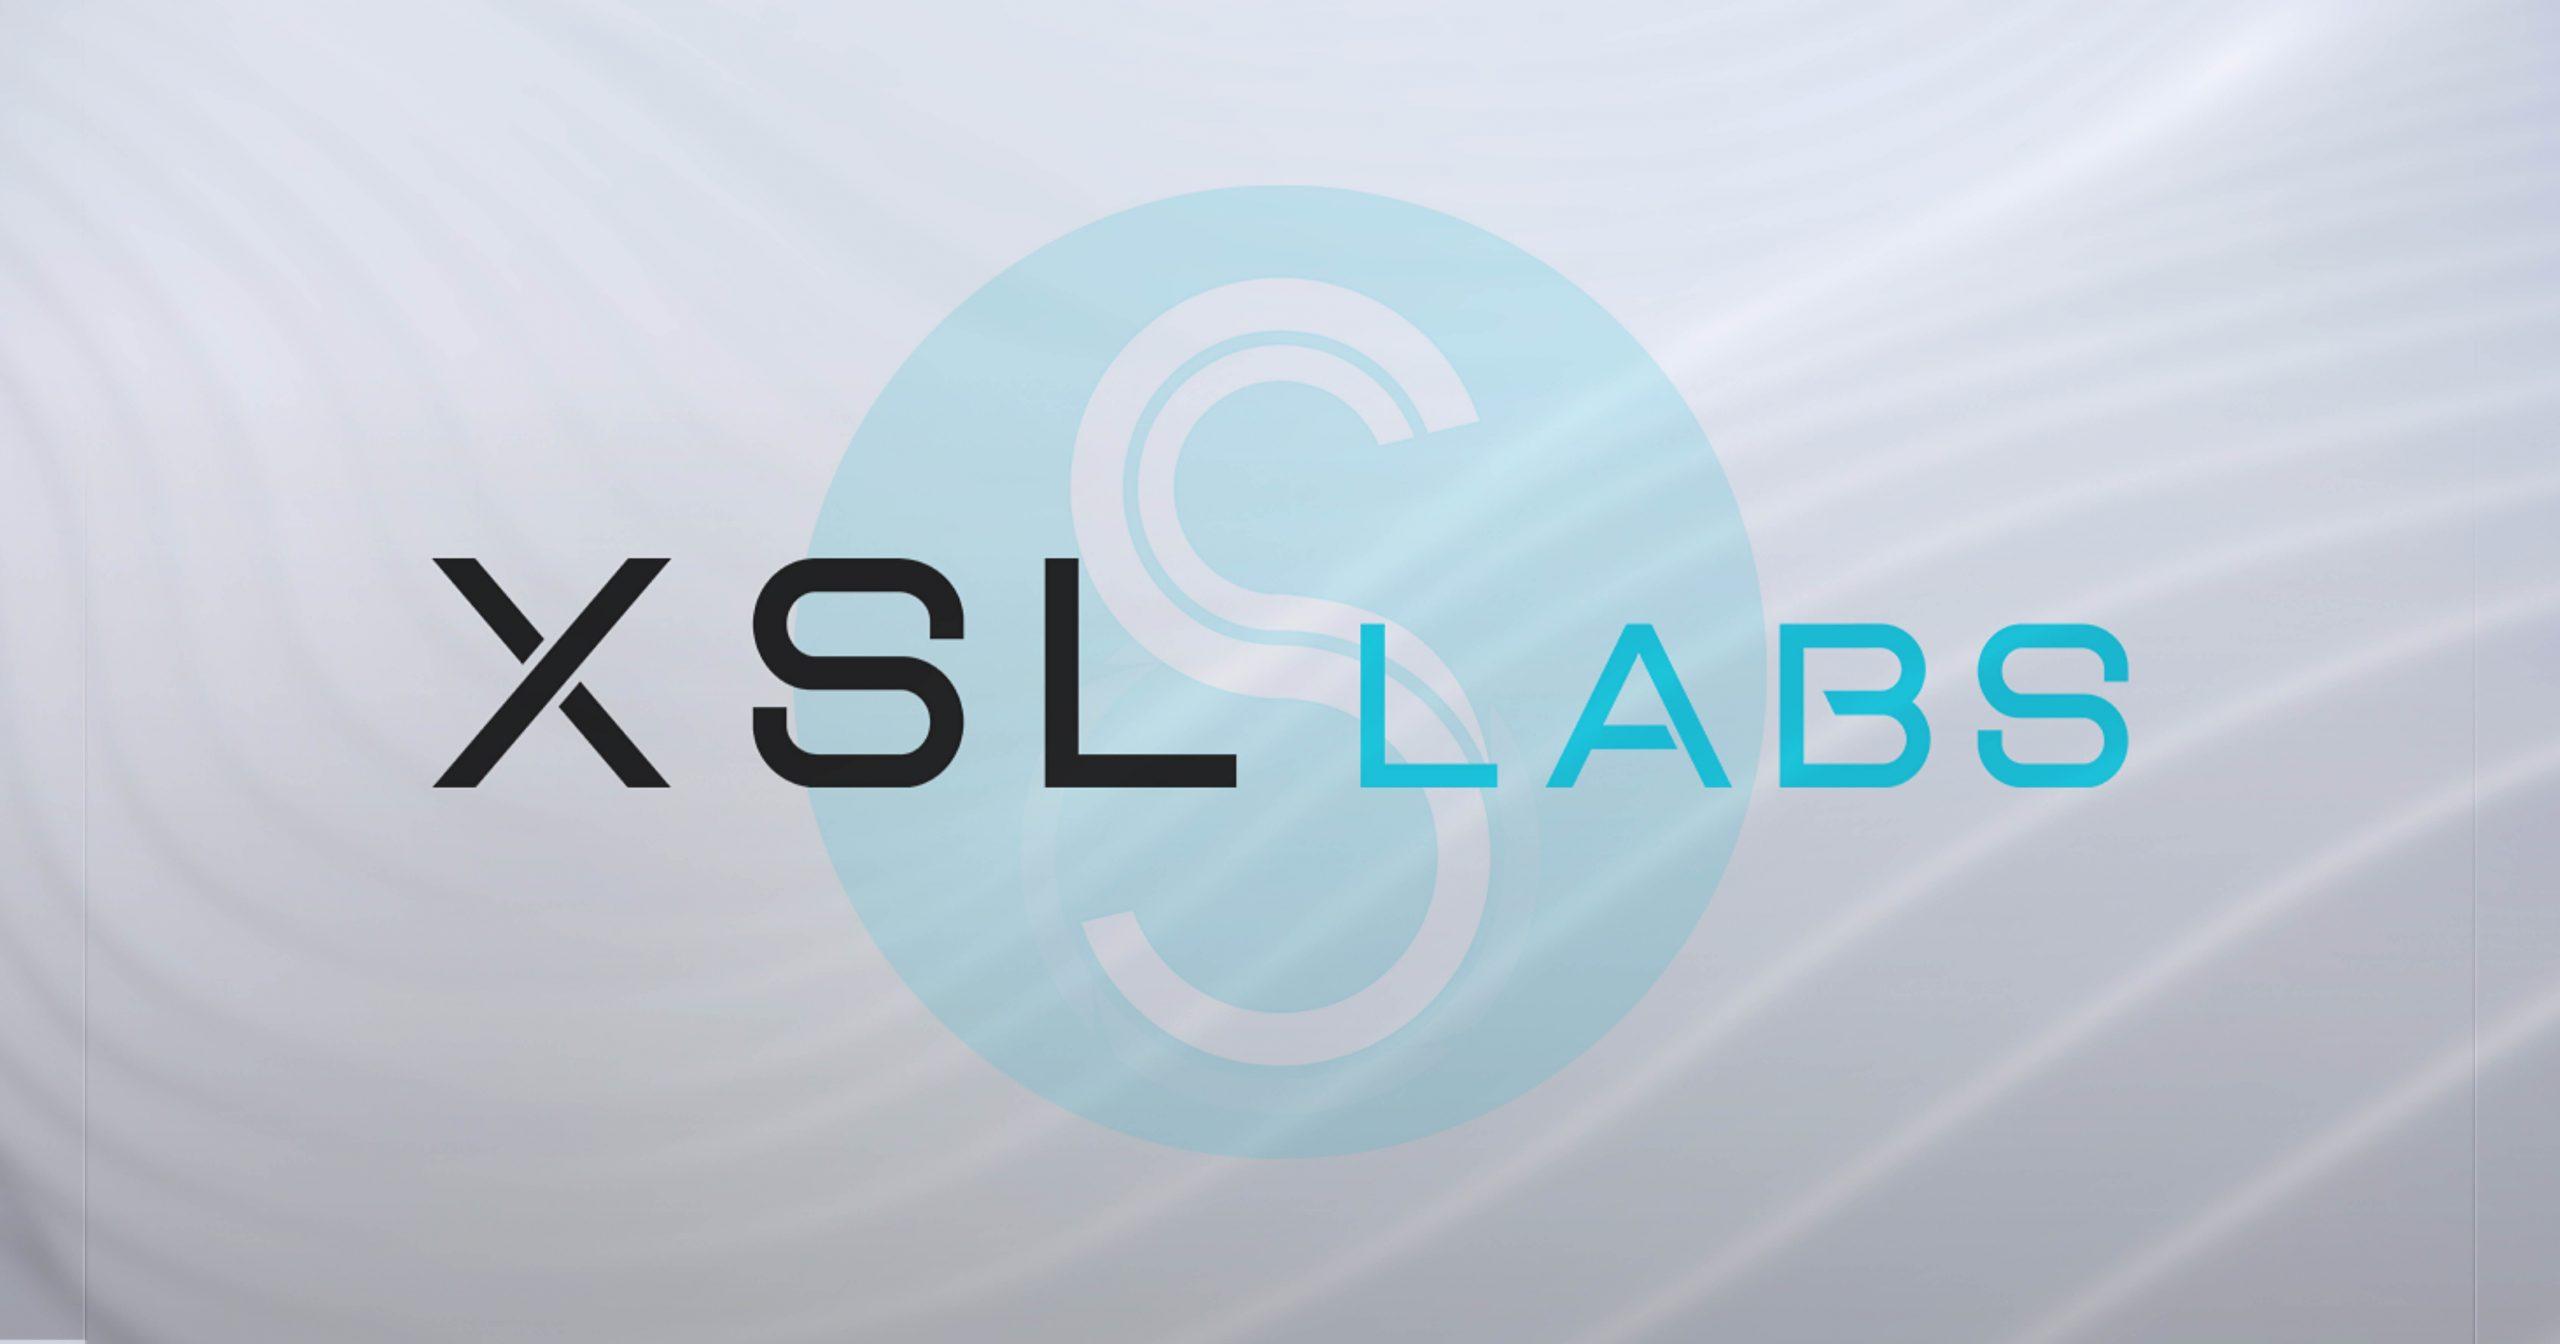 新しいインターネット、分散型システム「IPFS」の革新性を解説|XSL Labs寄稿